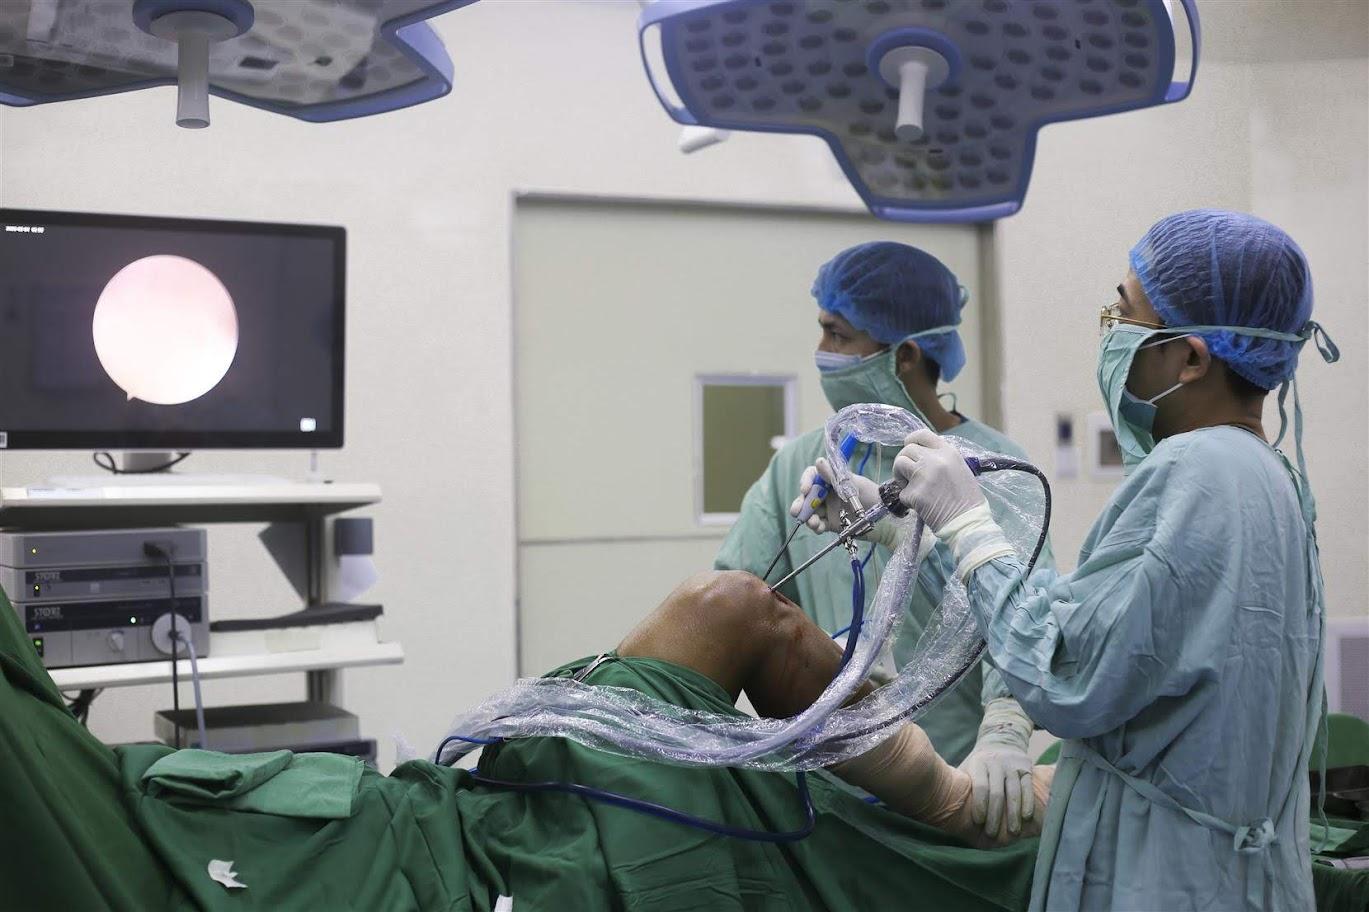 Hình ảnh bác sĩ thực hiện phẫu thuật nội soi tái tạo dây chằng chéo trước